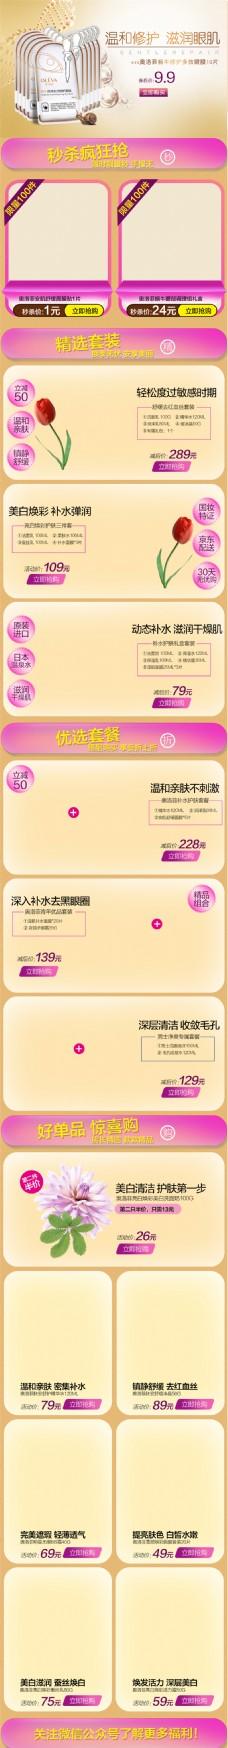 淘宝京东天猫护肤品化妆品手机移动端首页促销页面